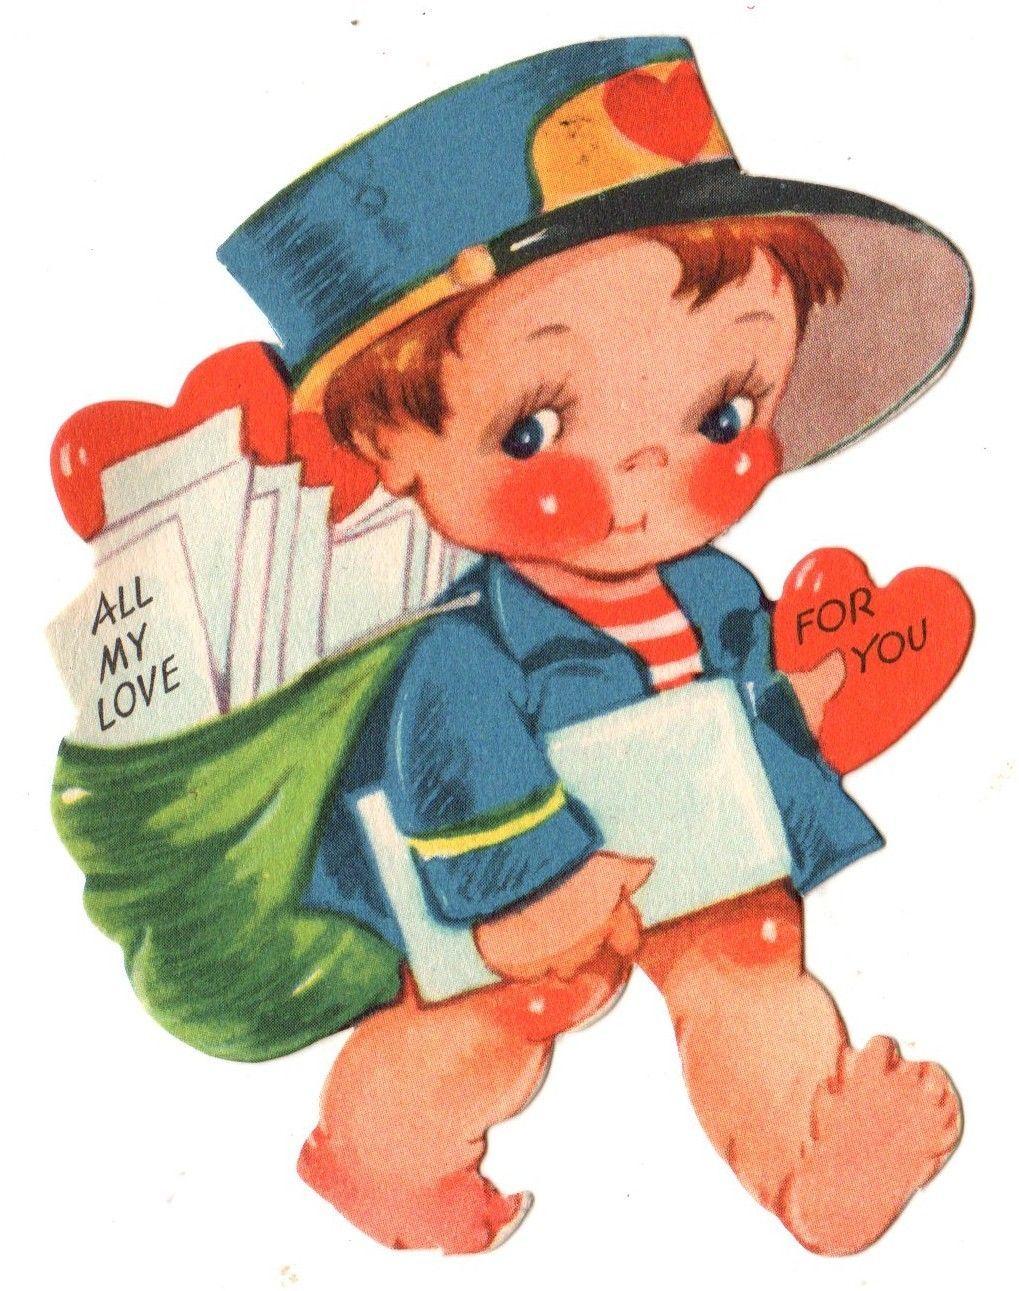 JG Scott Valentine Cute Mailman Delivering Love Letters Postman Vintage Card | eBay